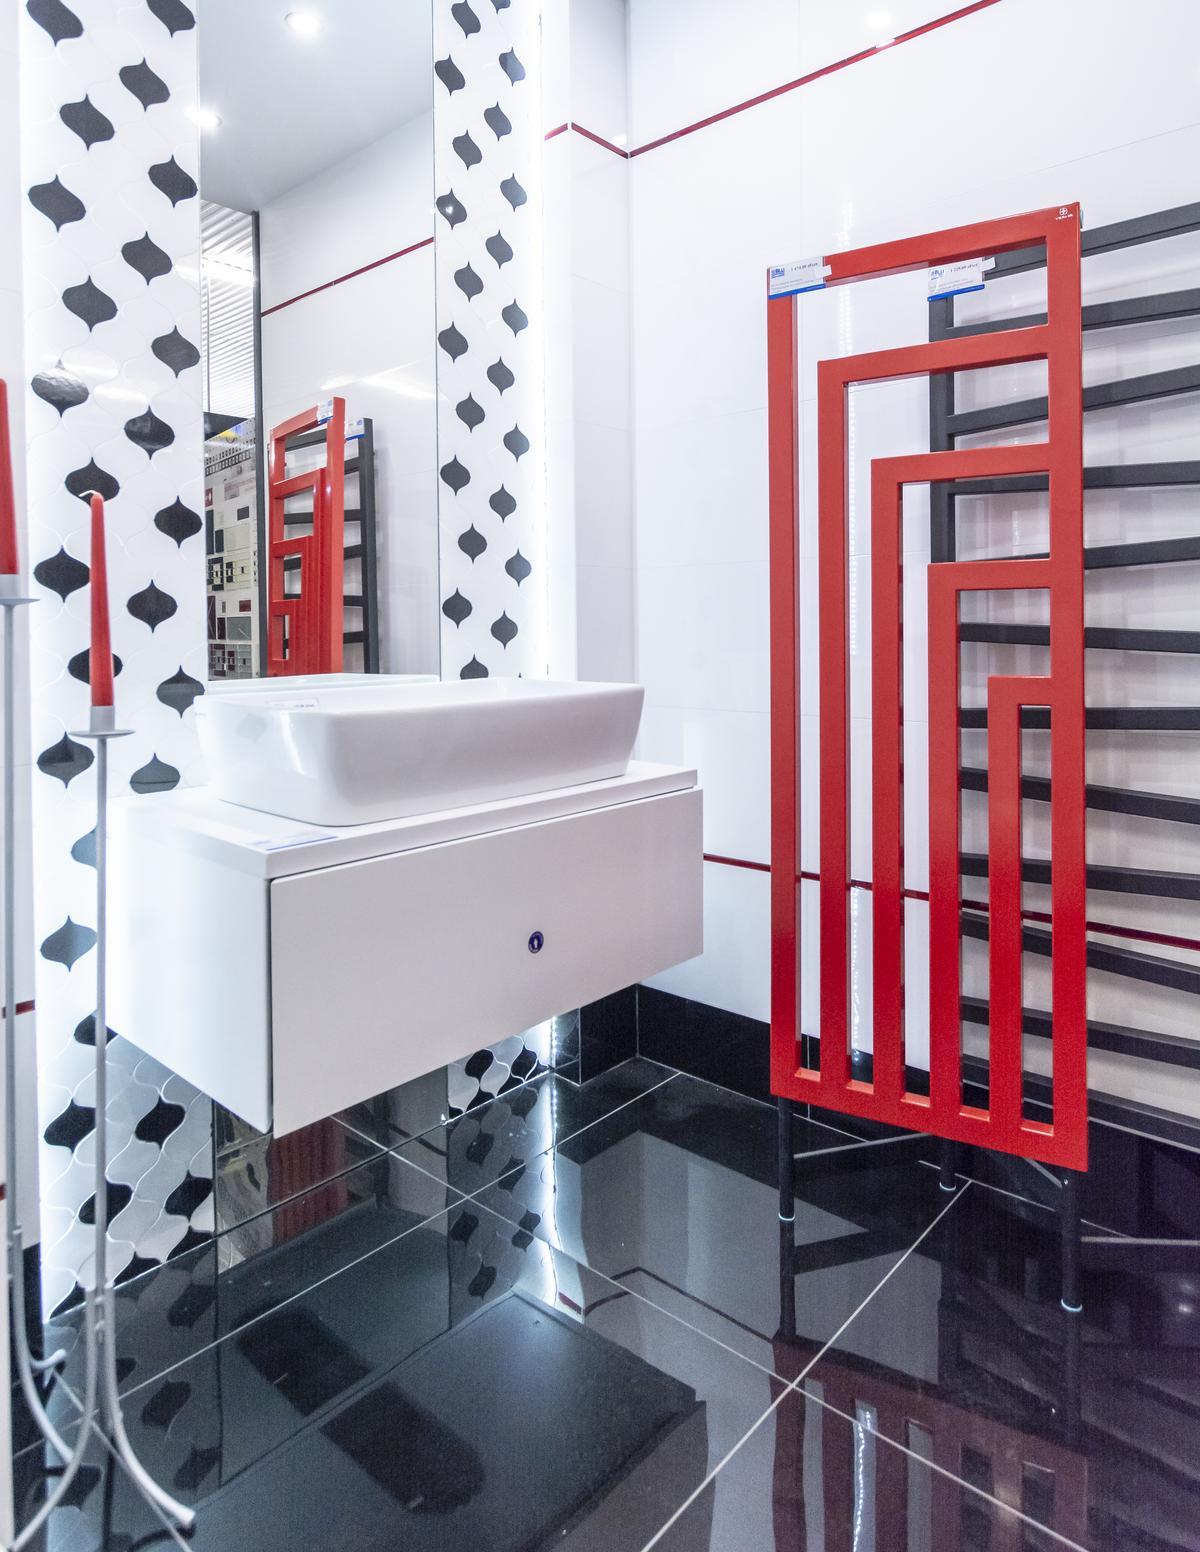 Nowoczesna łazienka z ozdobną mozaiką Opoczno Magnifique - zdjęcie od BLU salon łazienek Biała Podlaska